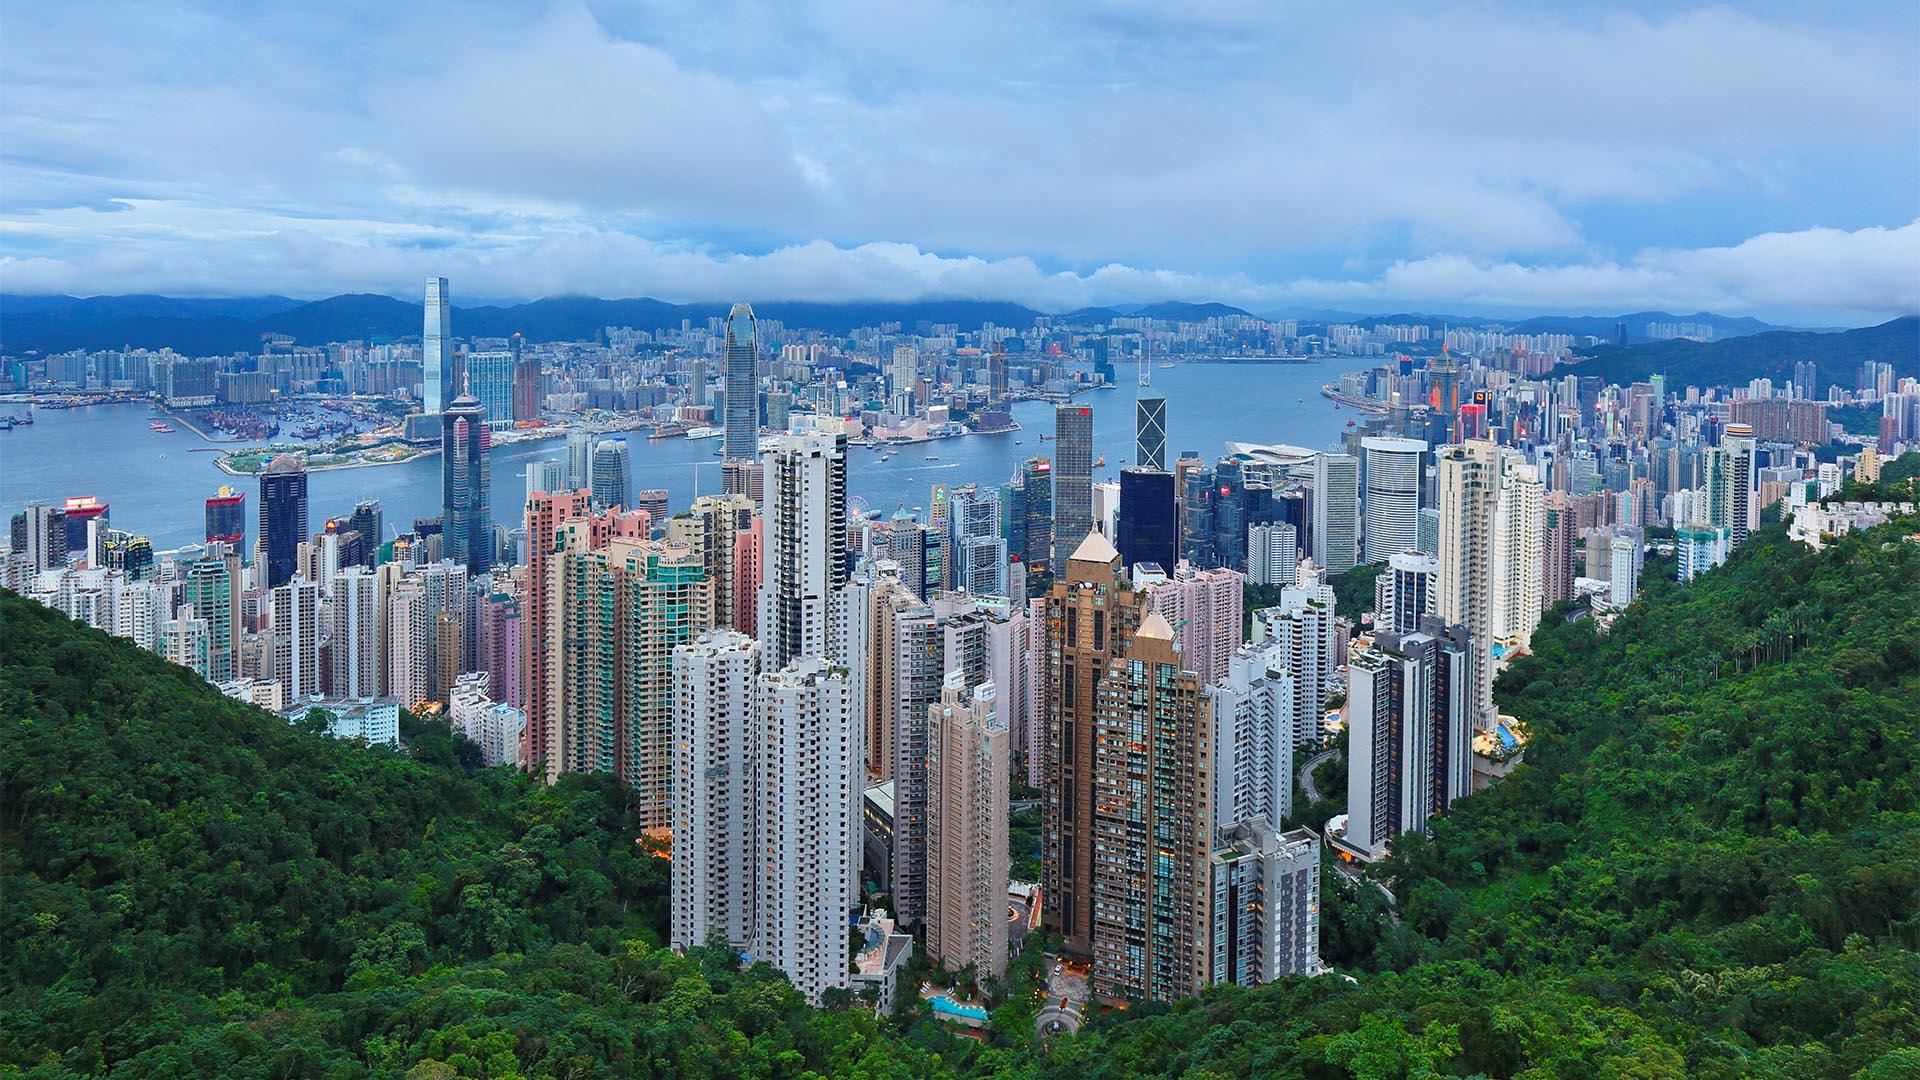 Con un estado tan densamente poblado como Hong Kong , puede sorprender que la tasa de criminalidad sea una de las más bajas del mundo